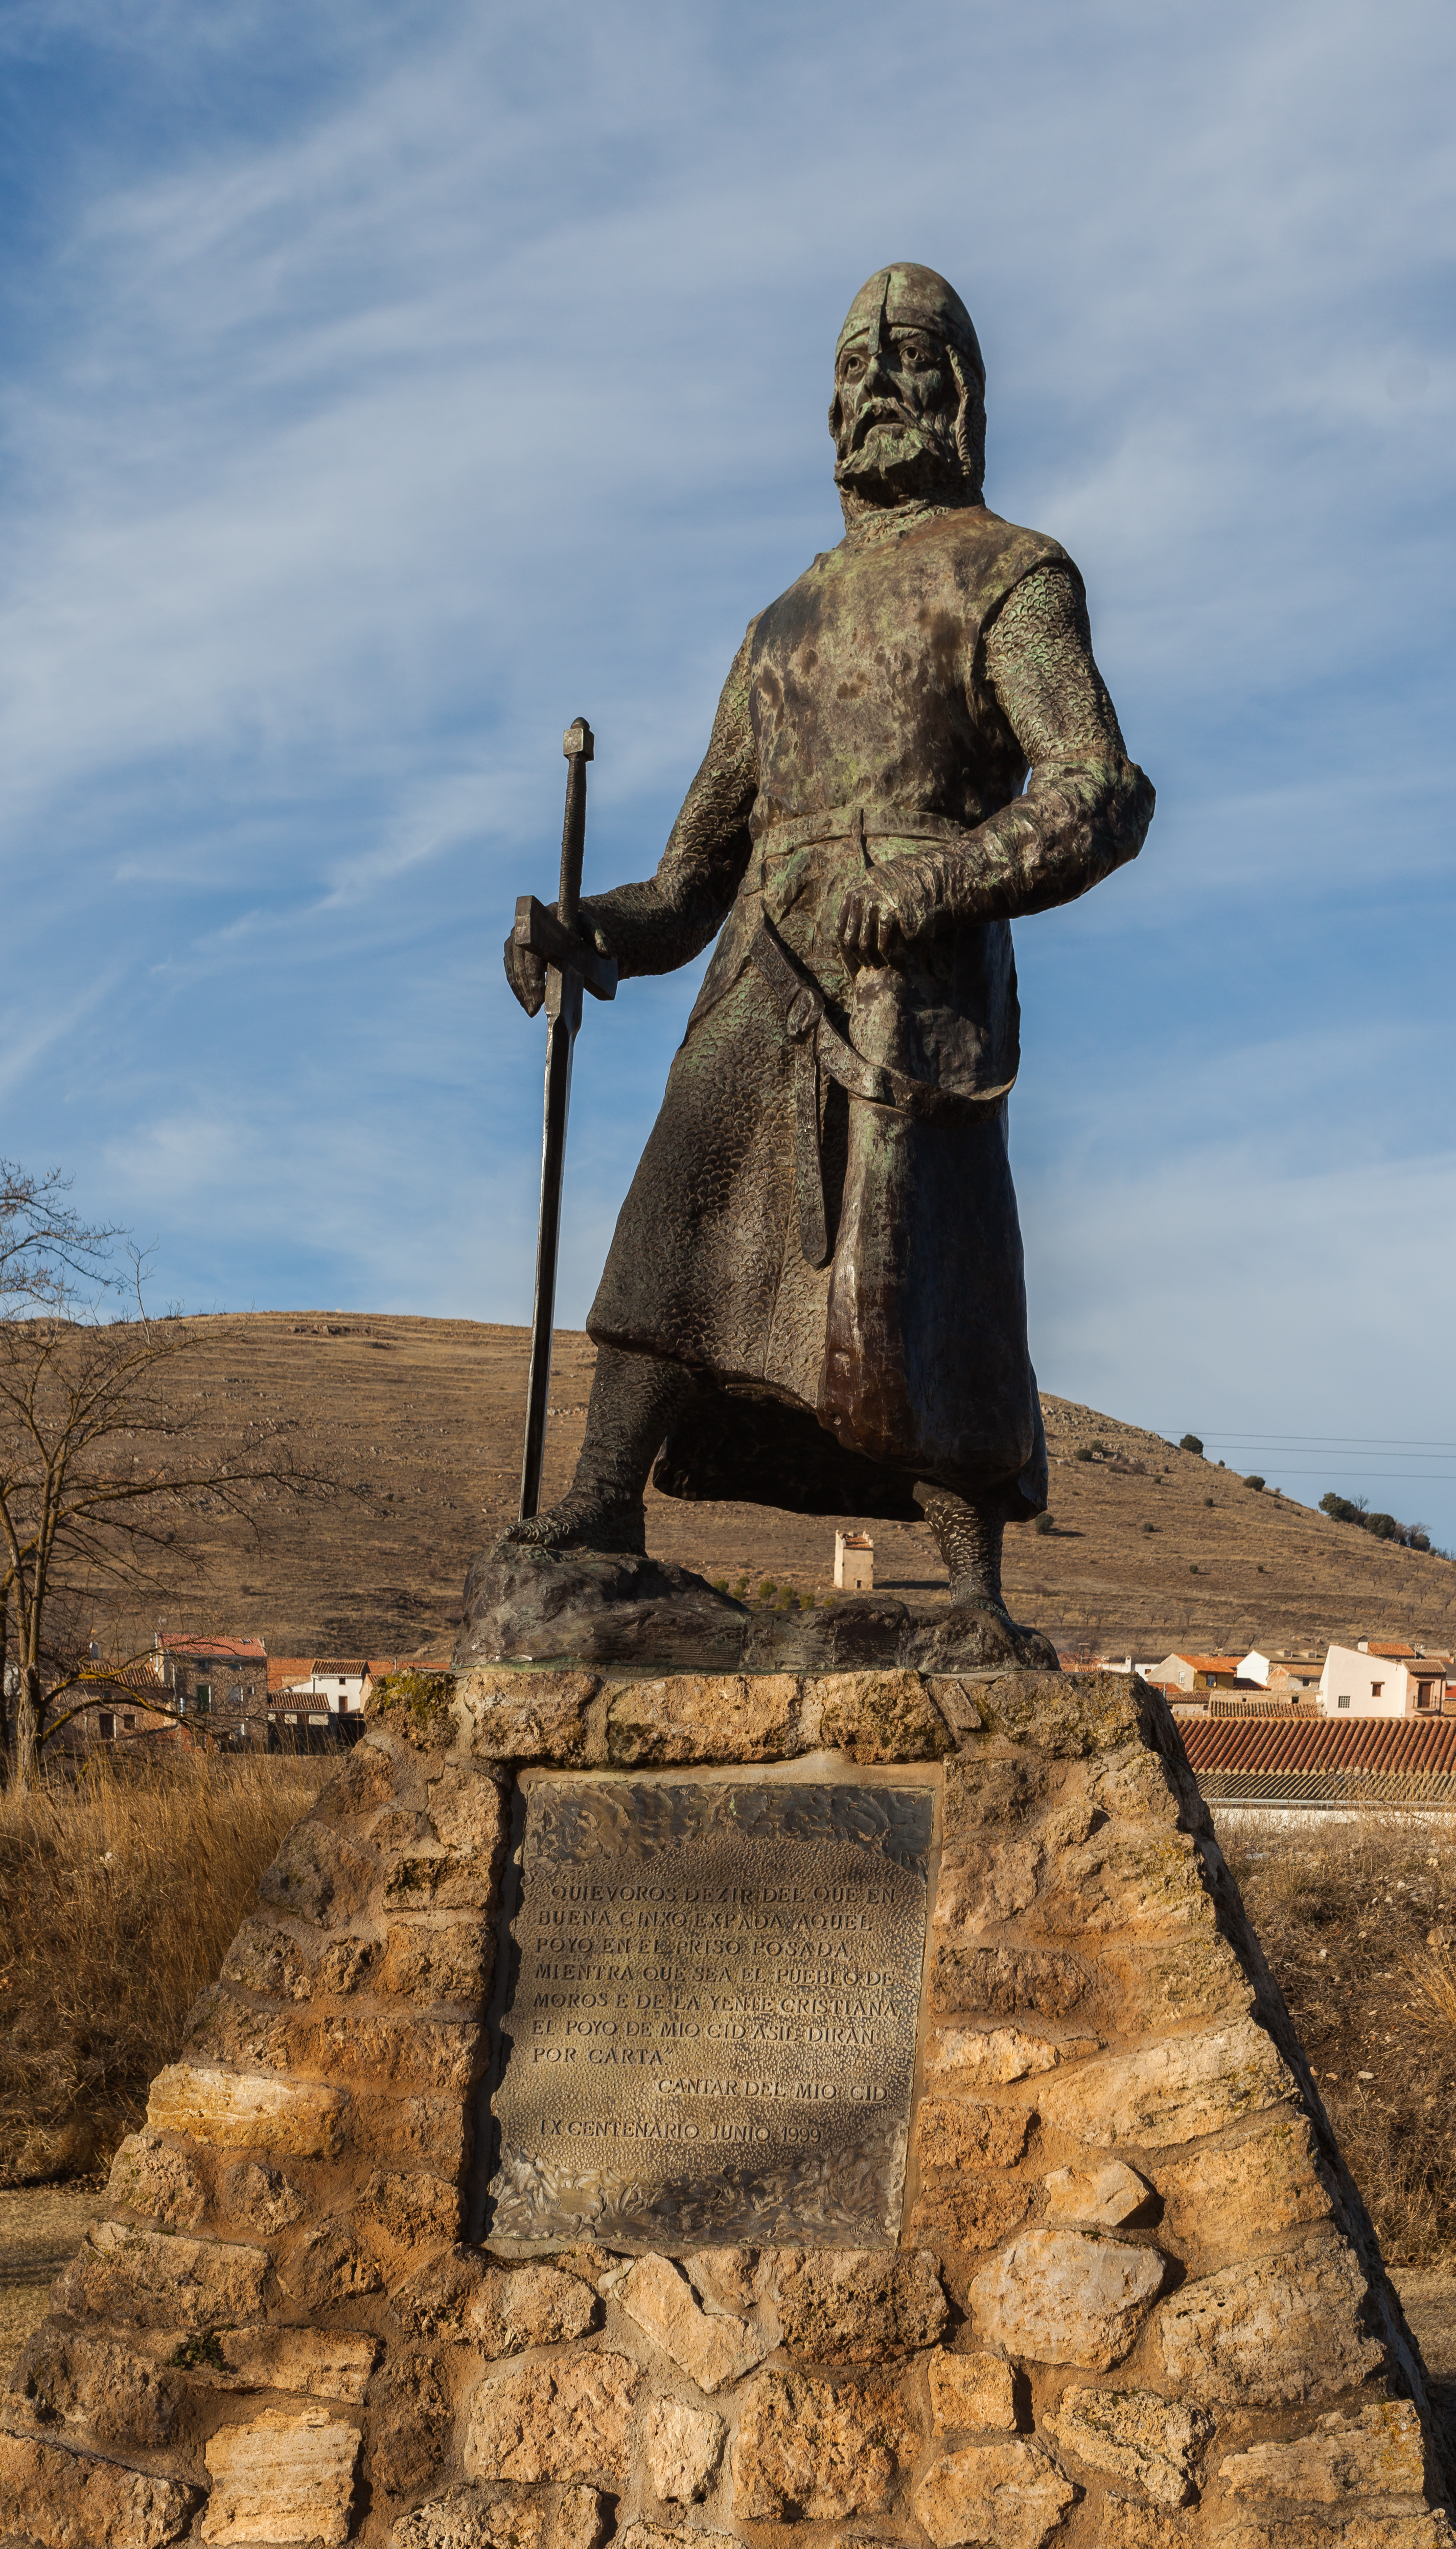 Poyo Spain  city images : Description El Poyo del Cid, Teruel, España, 2014 01 08, DD 12